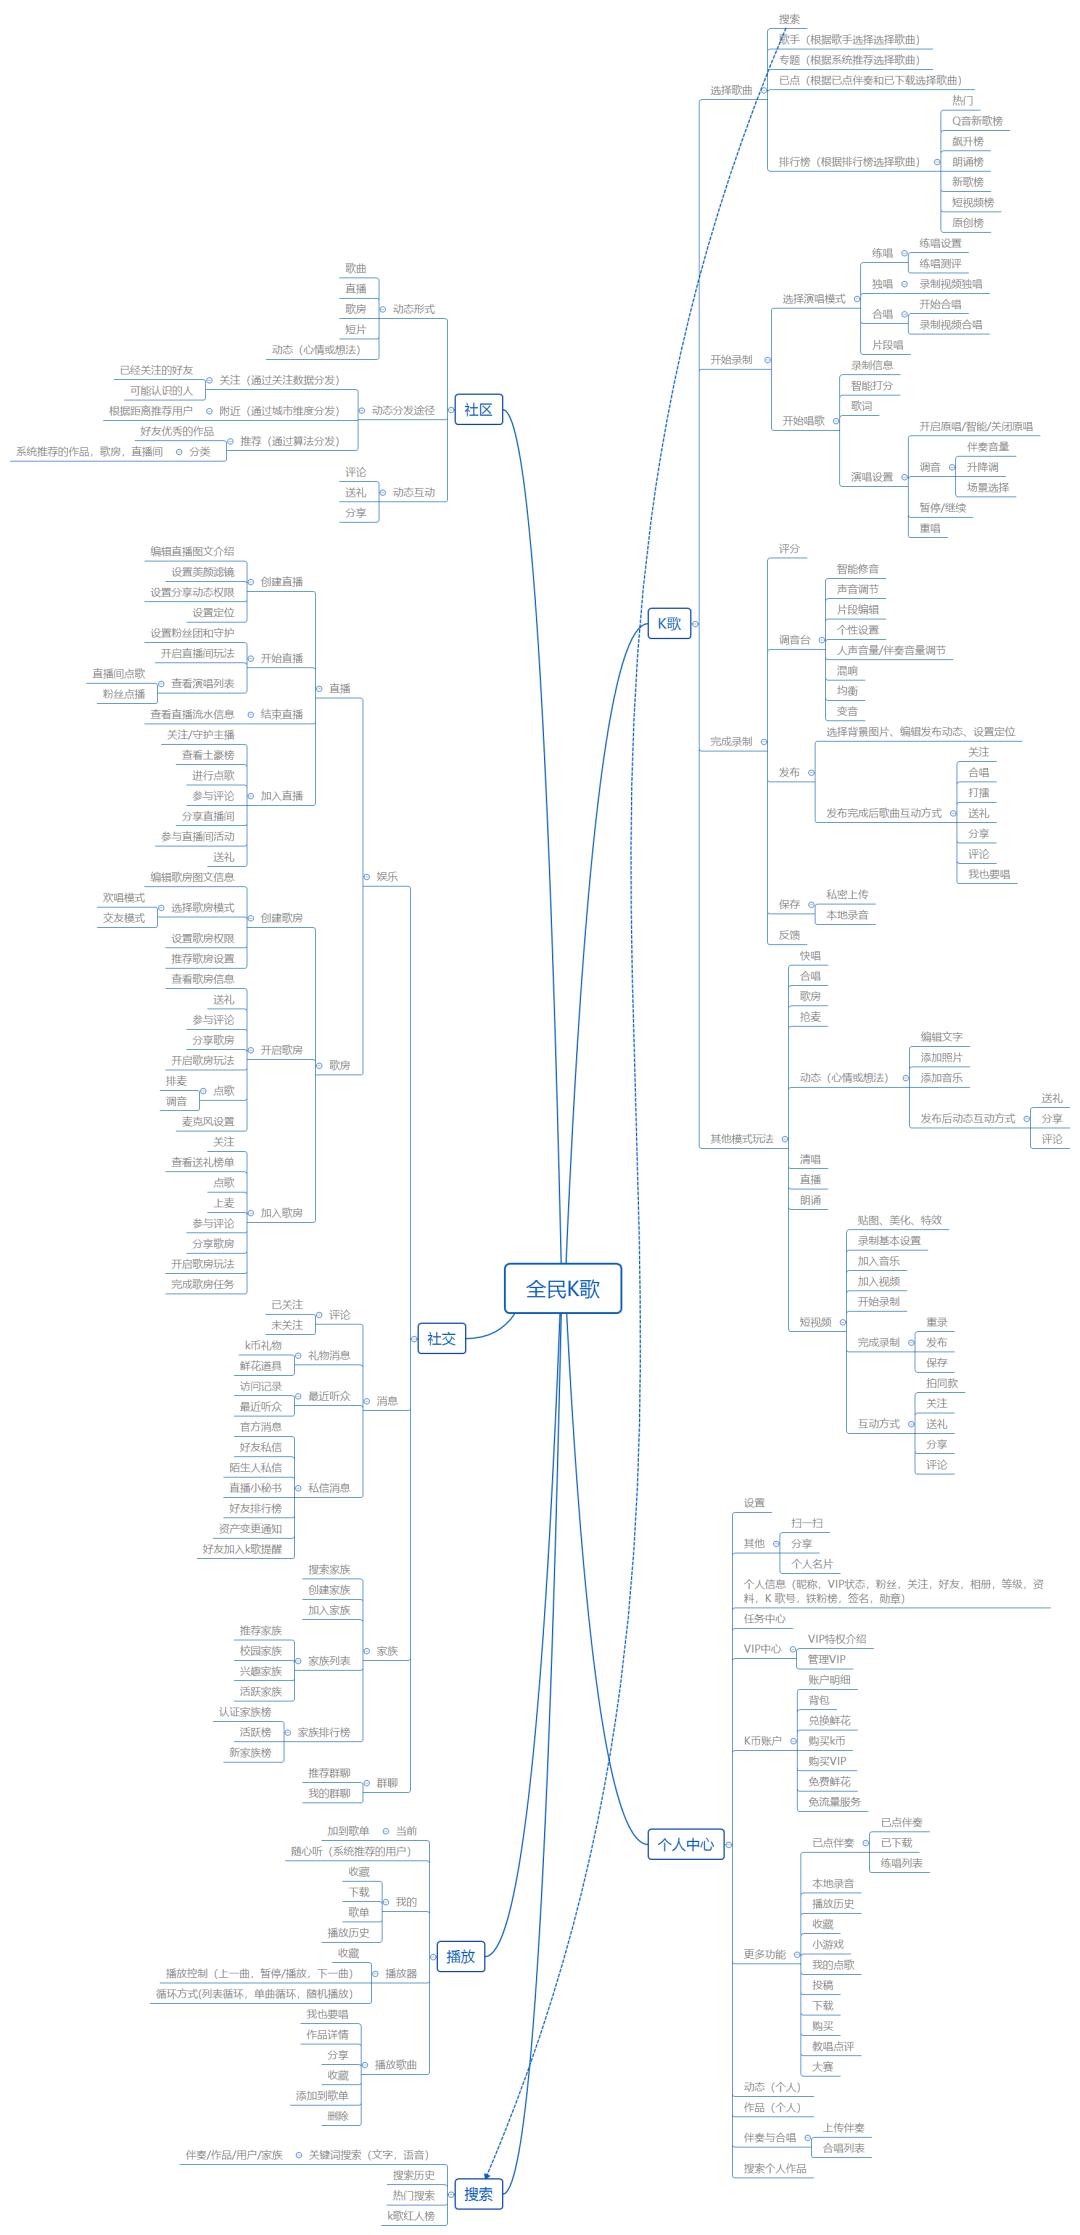 产品分析 | 面对新风口,全民k歌将如何构建自己的K歌生态